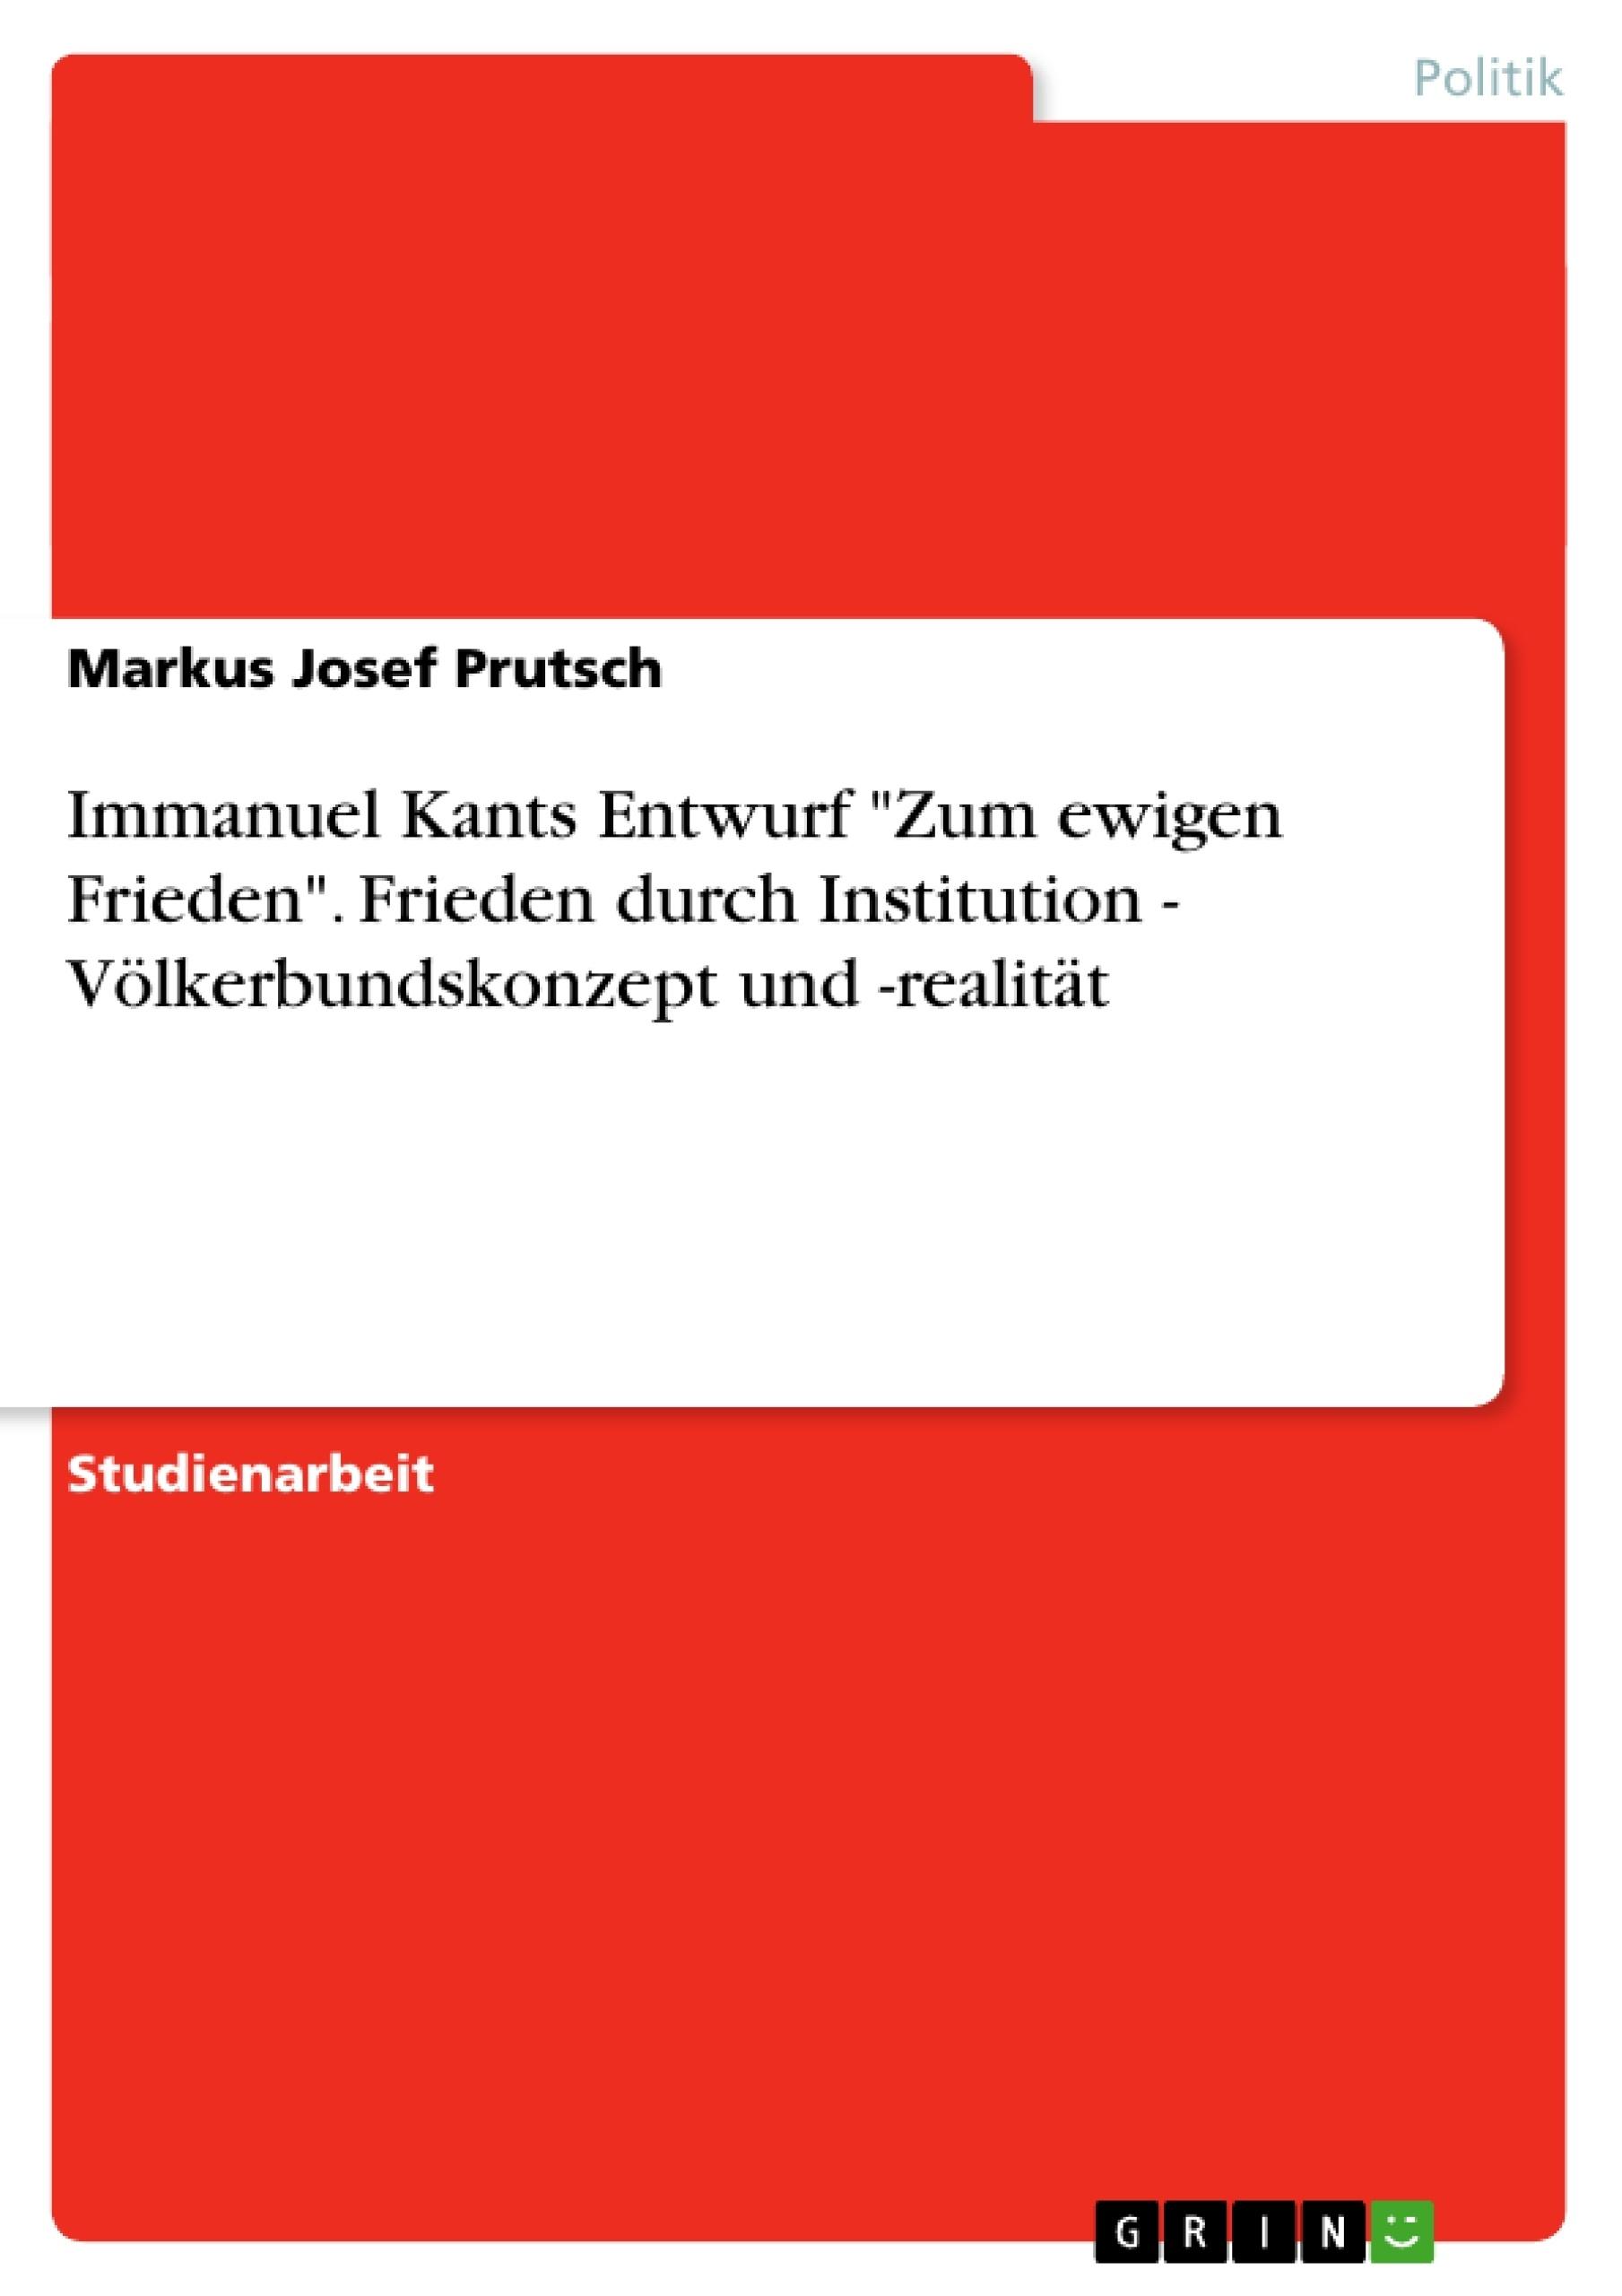 """Titel: Immanuel Kants Entwurf """"Zum ewigen Frieden"""". Frieden durch Institution - Völkerbundskonzept und -realität"""